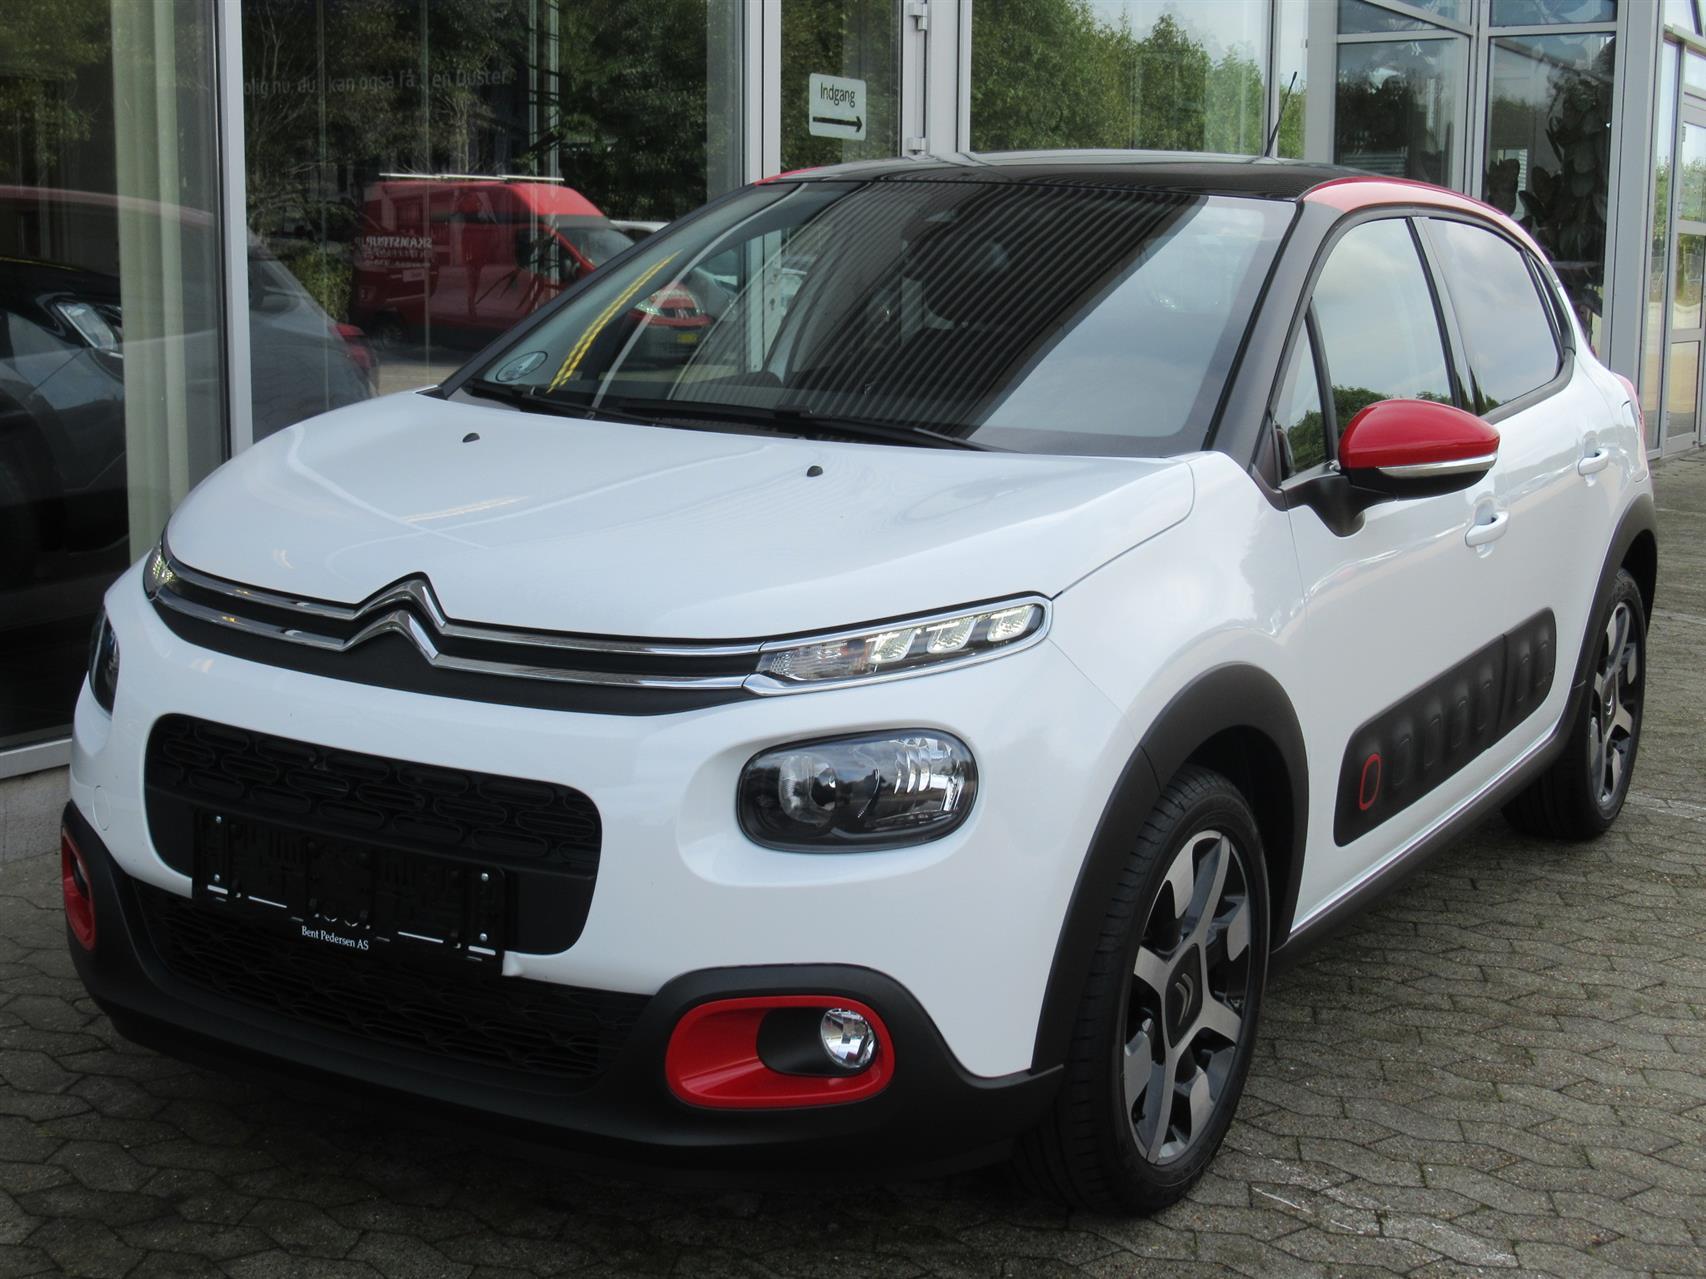 Billede af Citroën C3 1,2 PureTech VTR Sport start/stop 82HK 5d